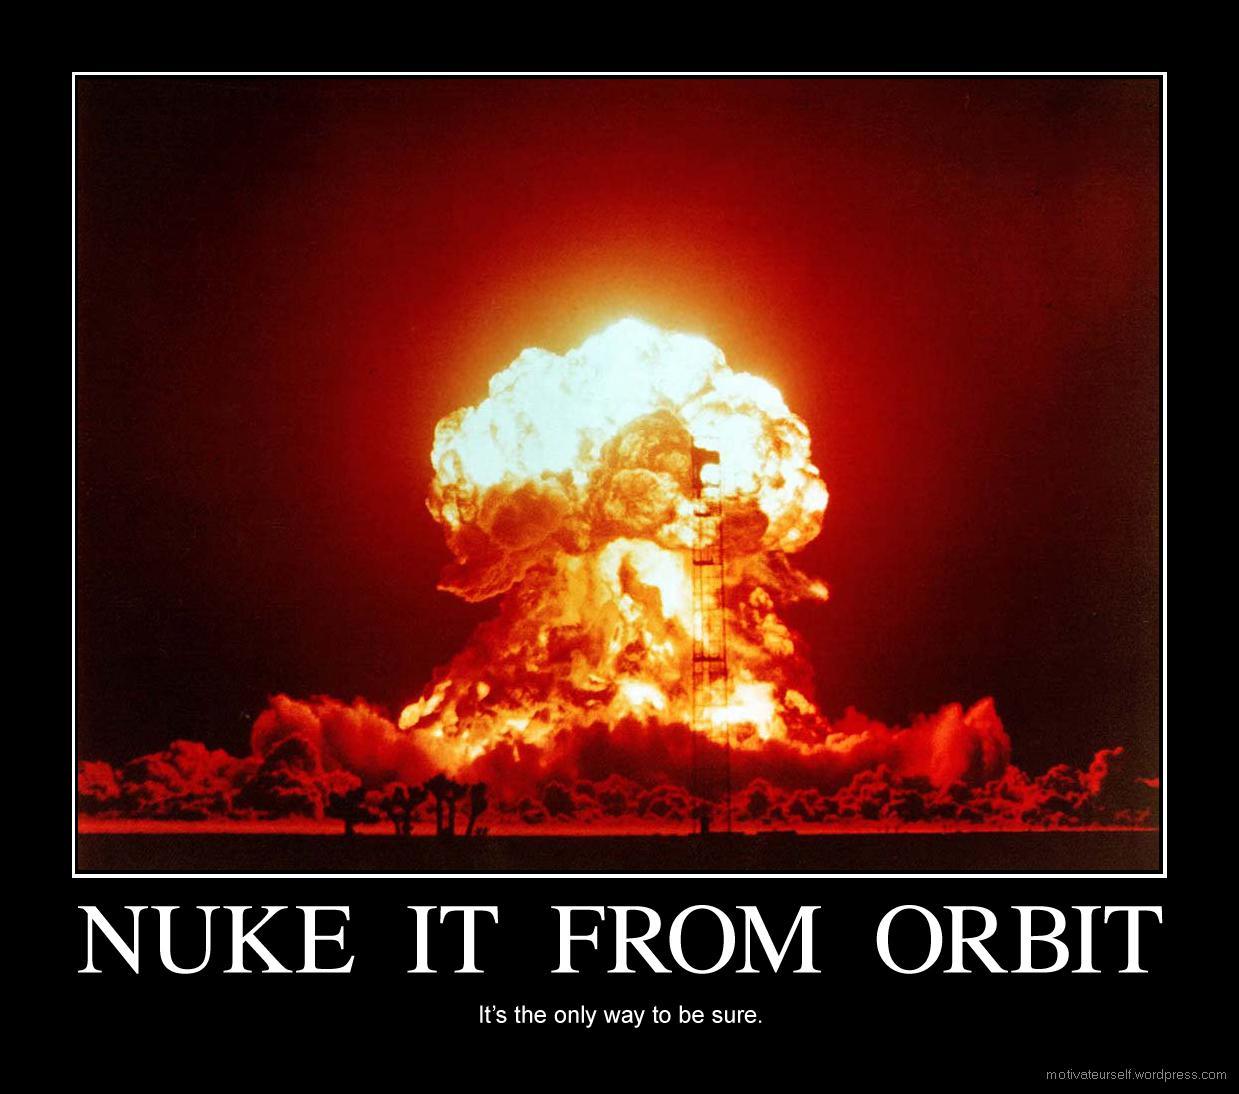 http://3.bp.blogspot.com/-rAxPG7g2KyU/Ui_UbIbQRdI/AAAAAAAAB2g/TaQdwvGcnsg/s1600/40823_nuke_it_from_orbit.jpg